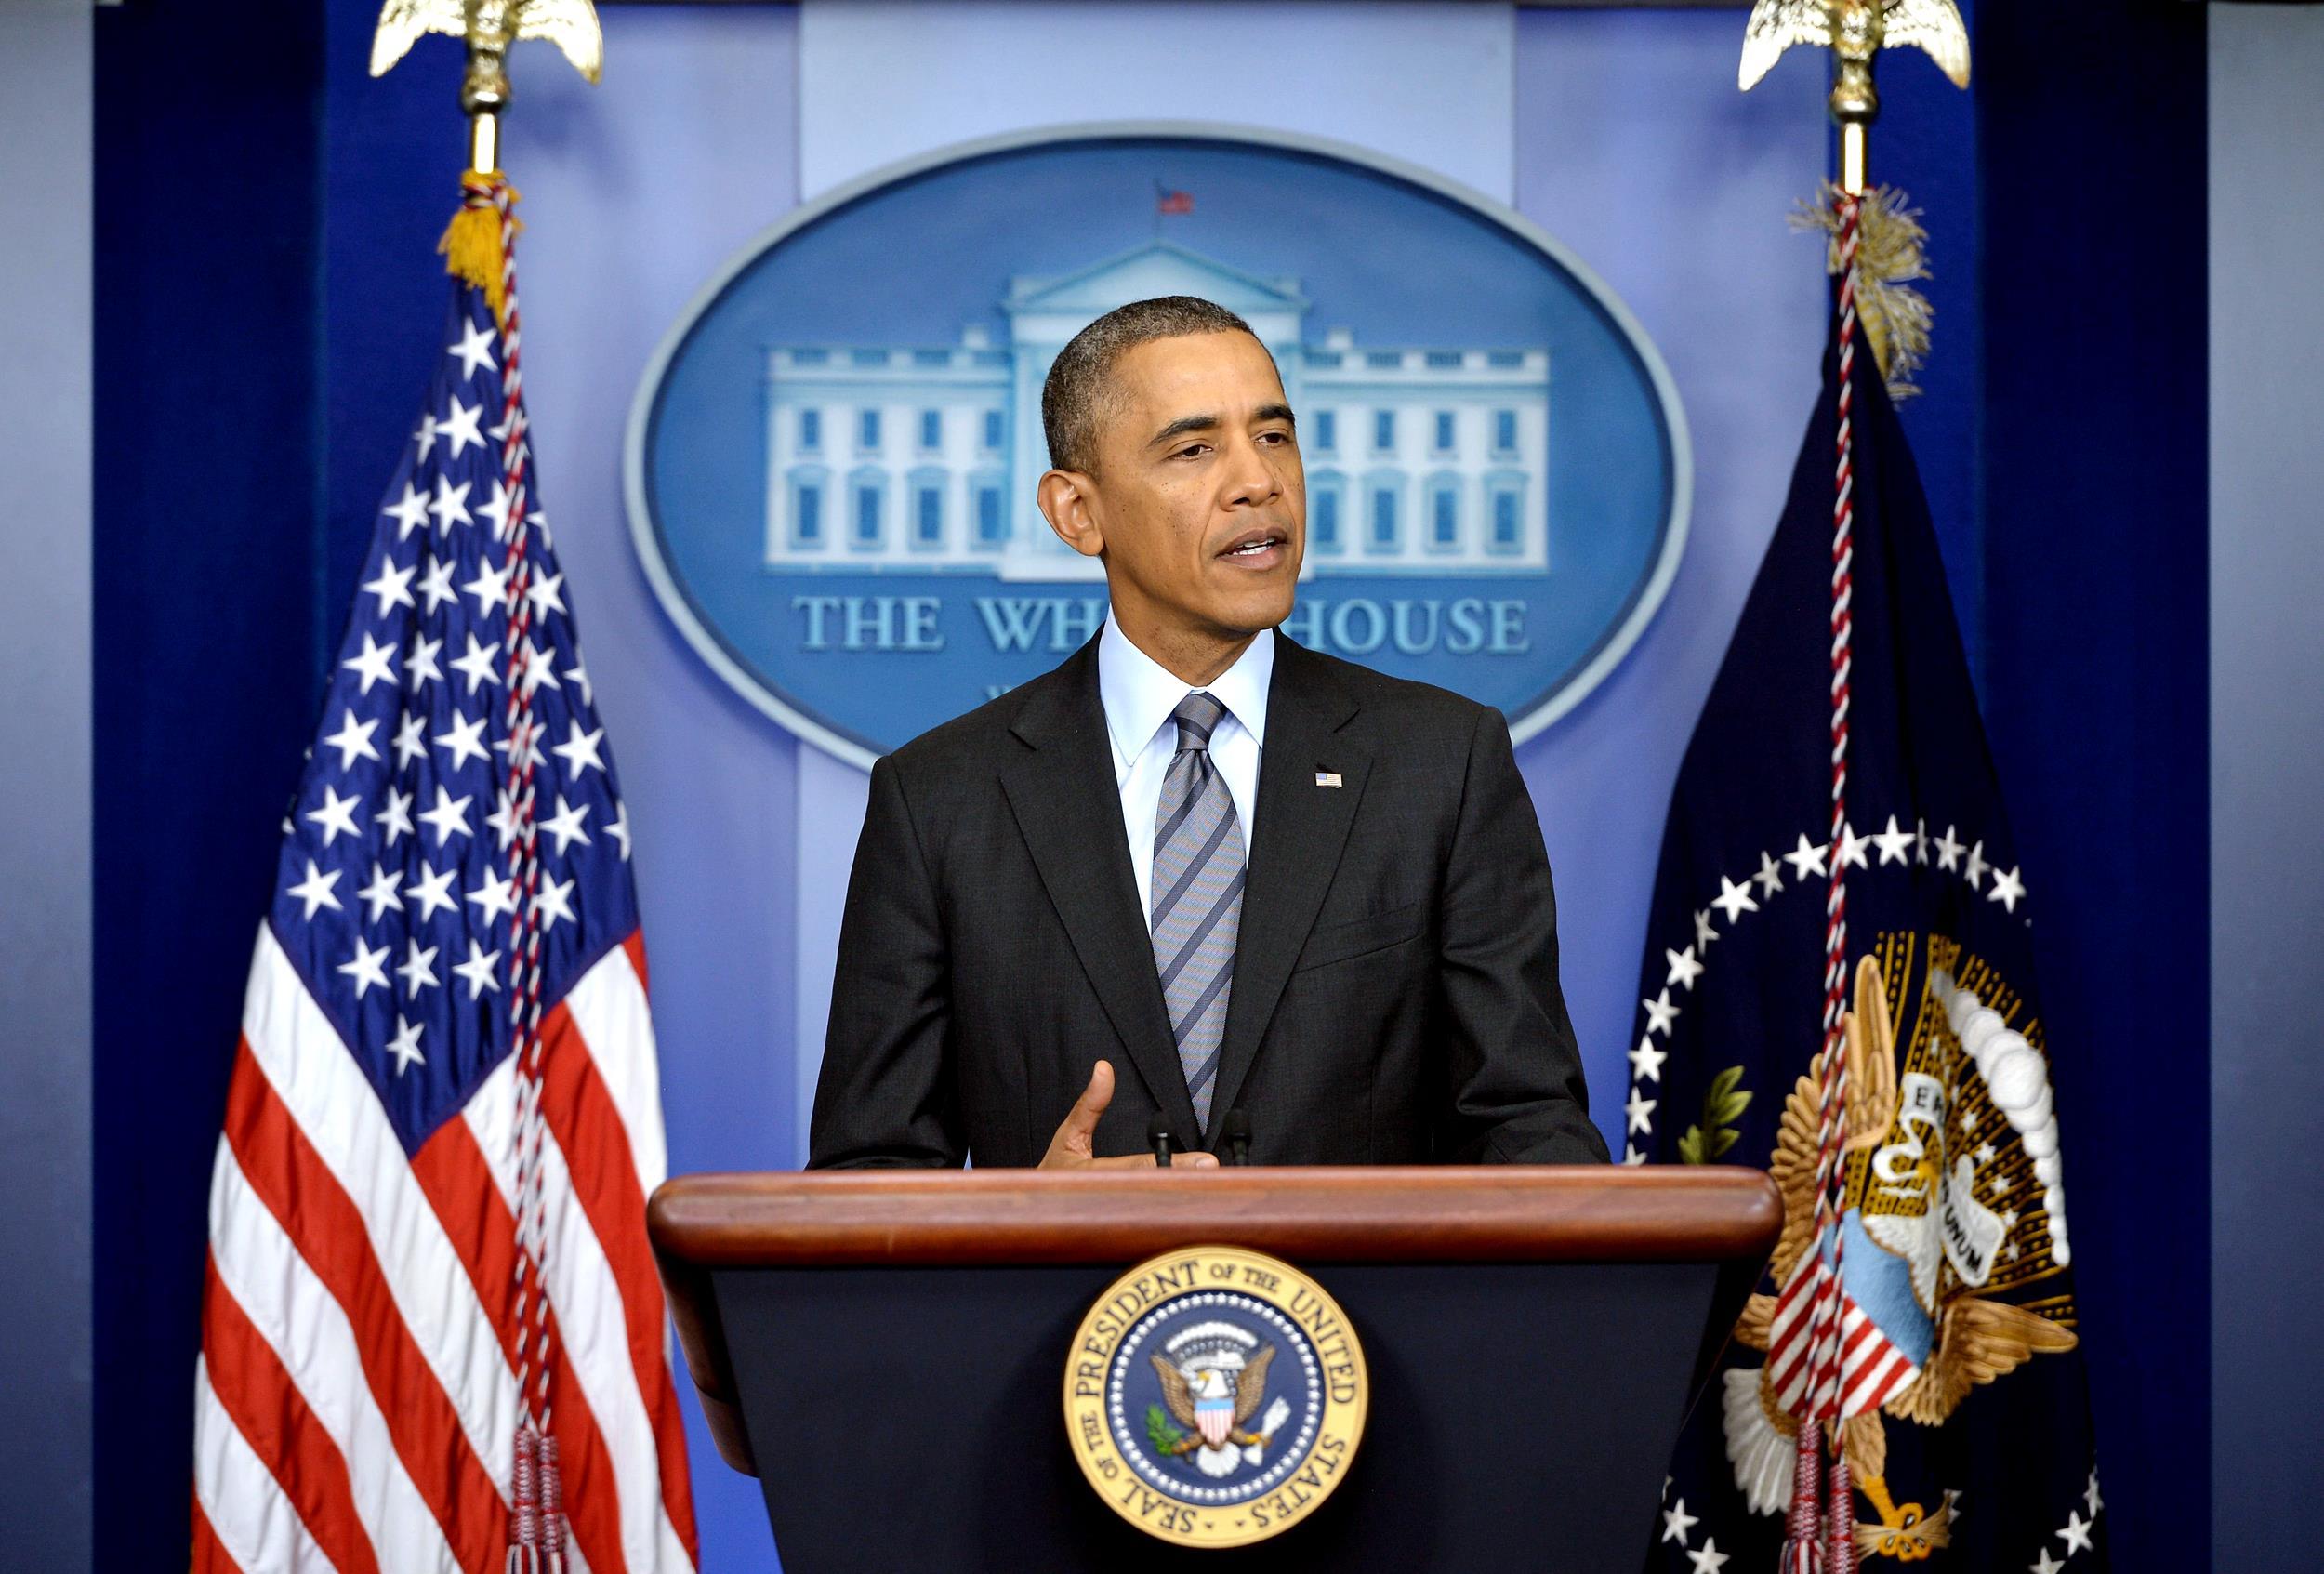 Stati Uniti: Obama progetta l'alleanza contro lo Stato islamico